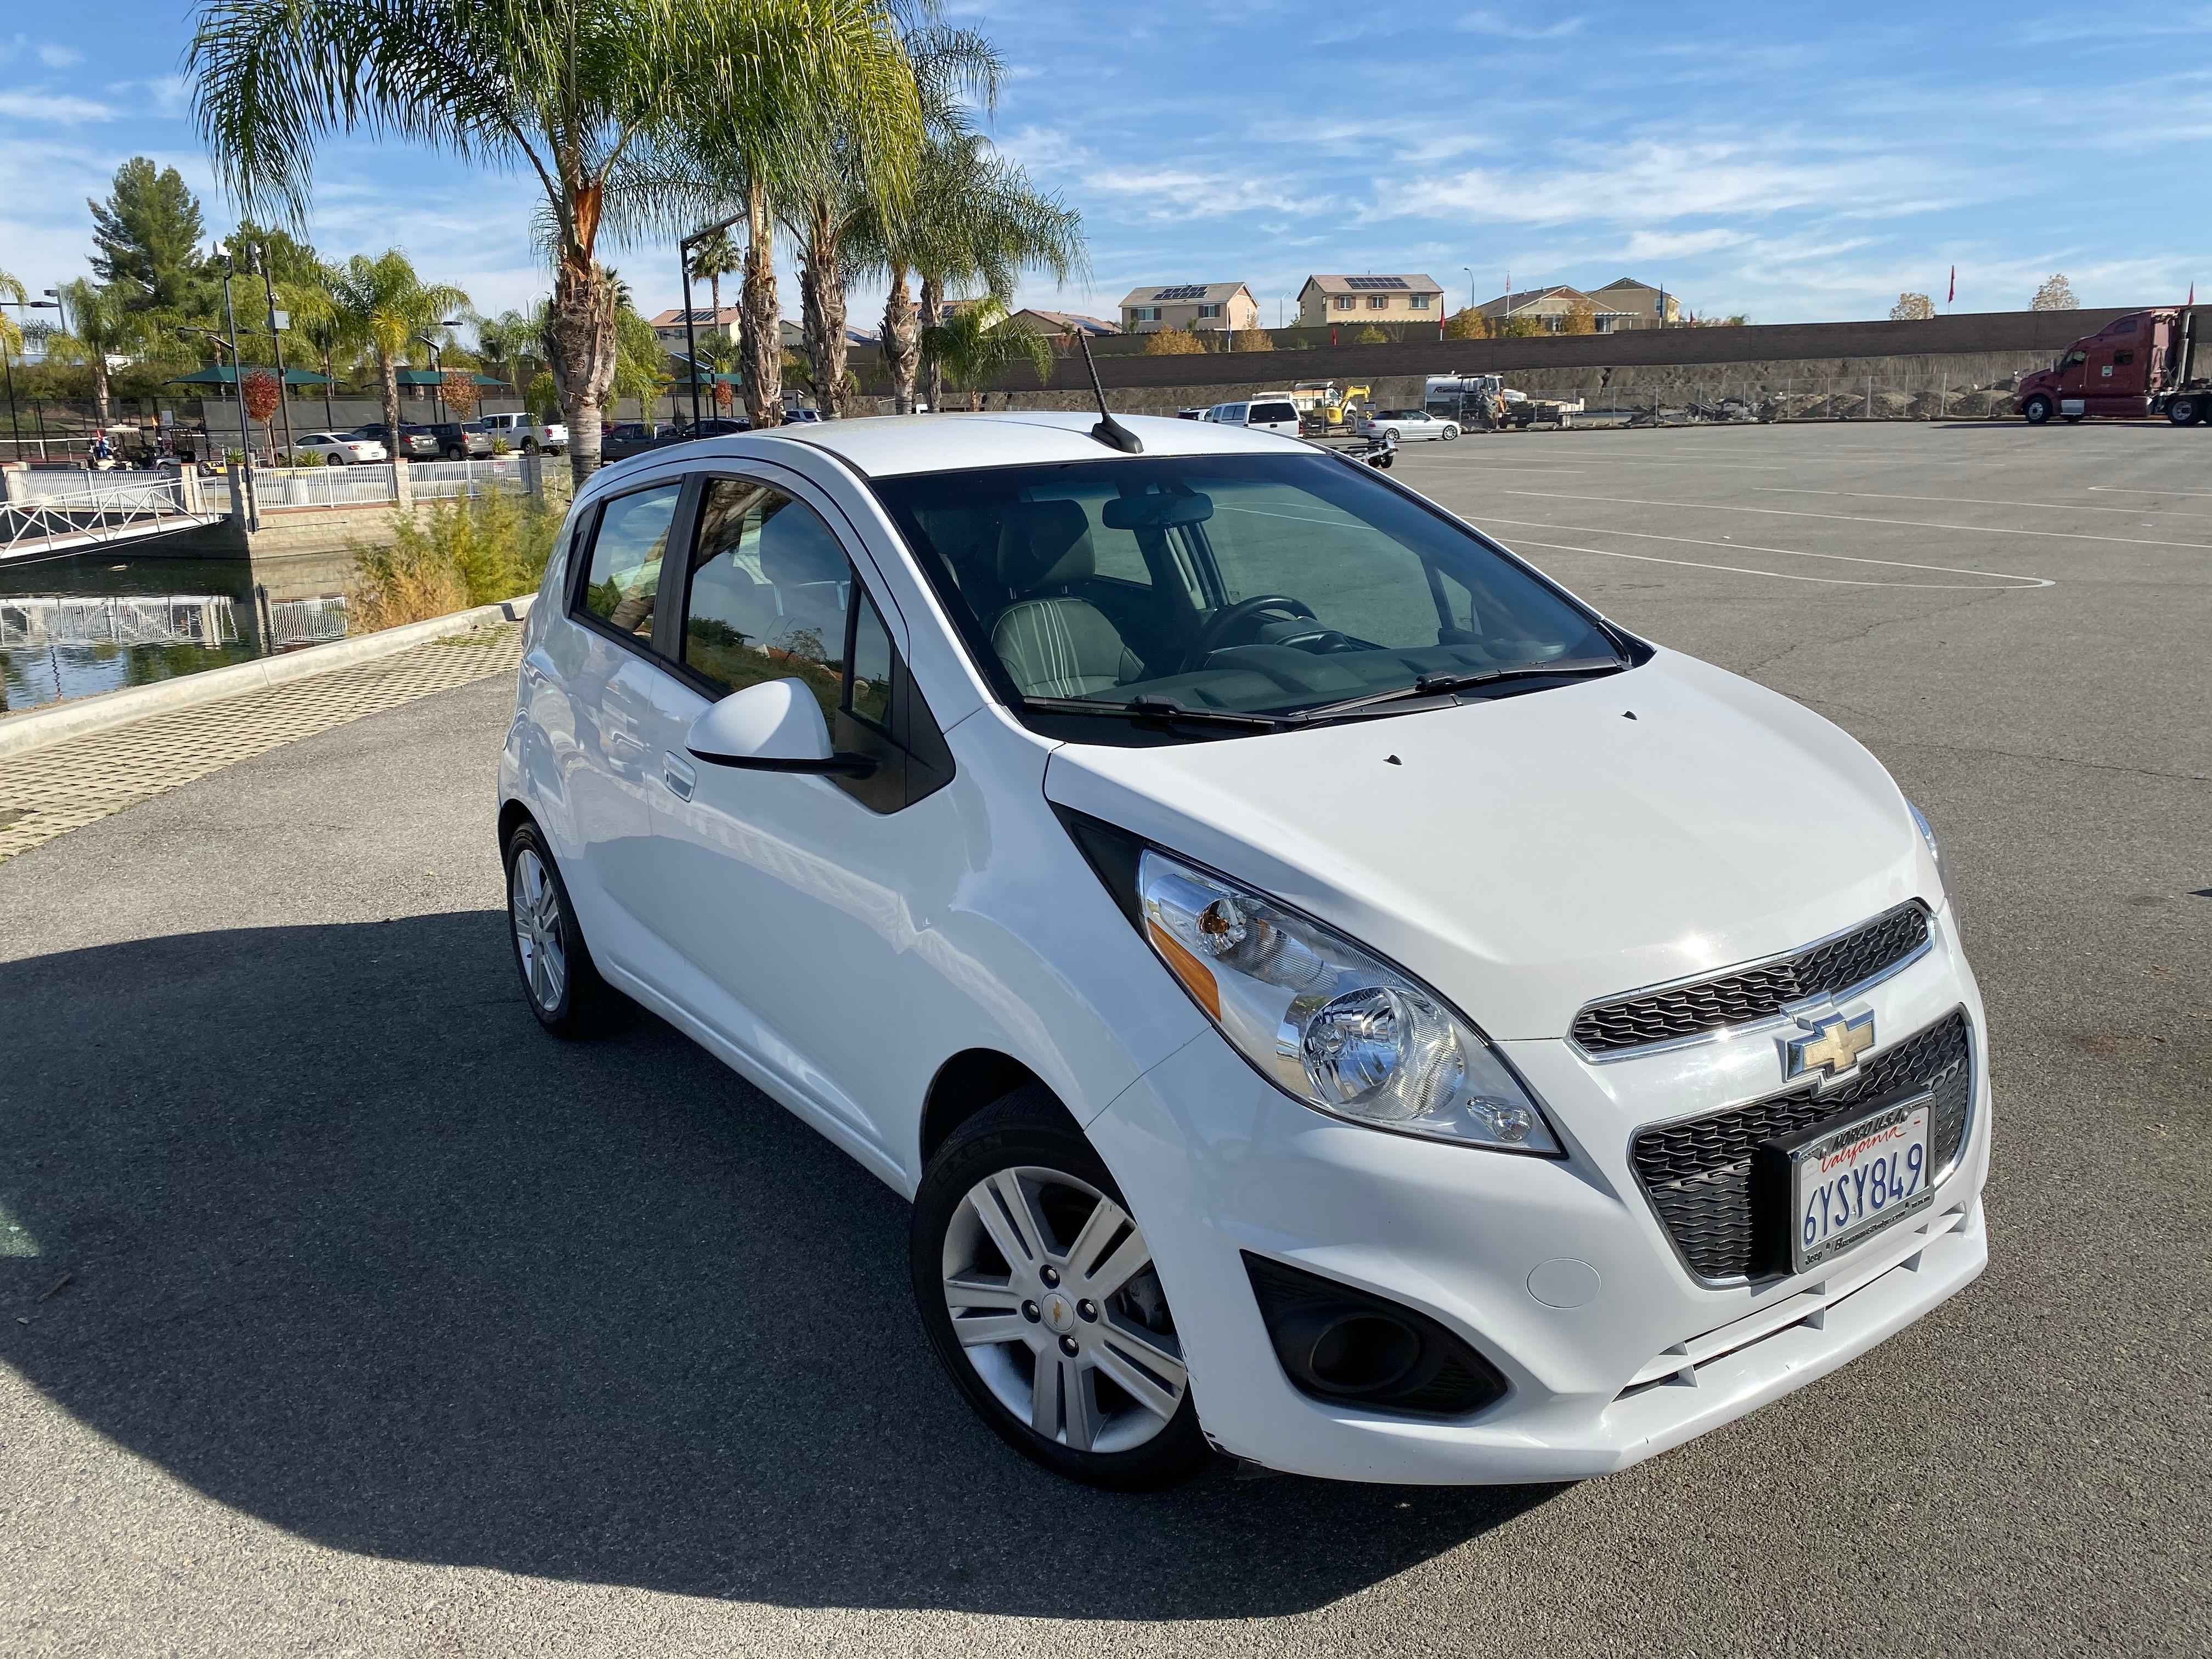 Kelebihan Kekurangan Chevrolet Spark 2013 Tangguh